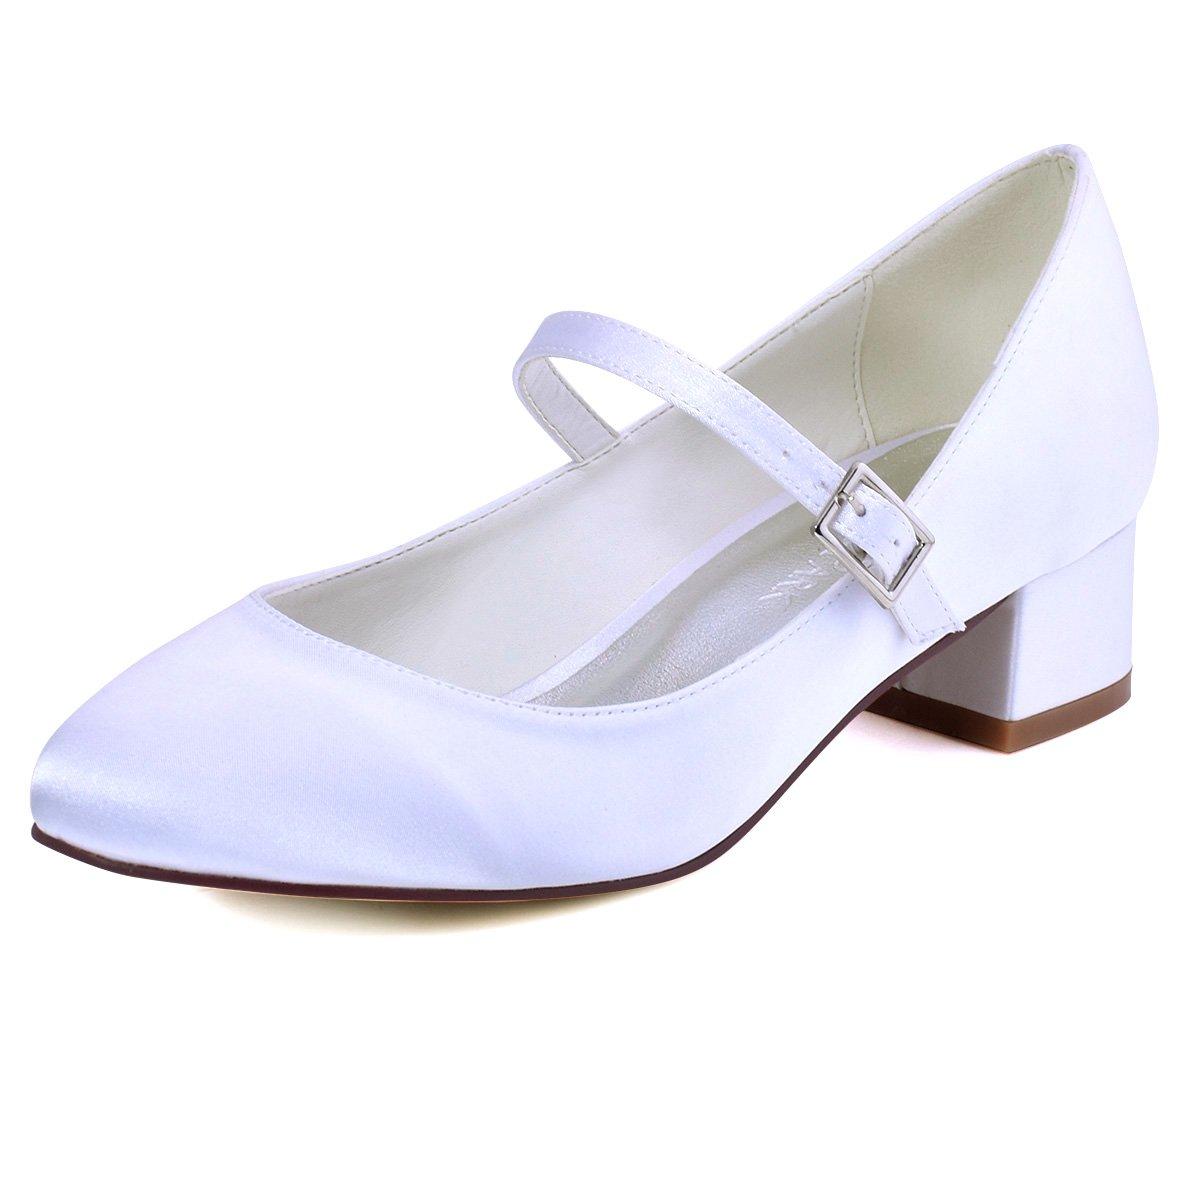 ElegantPark Femmes Fermé Chaussures Toe Bloc Talon Mary Jane Femmes Mary Pompes Satin Chaussures de Mariage Soirée Blanc 5f586d9 - therethere.space